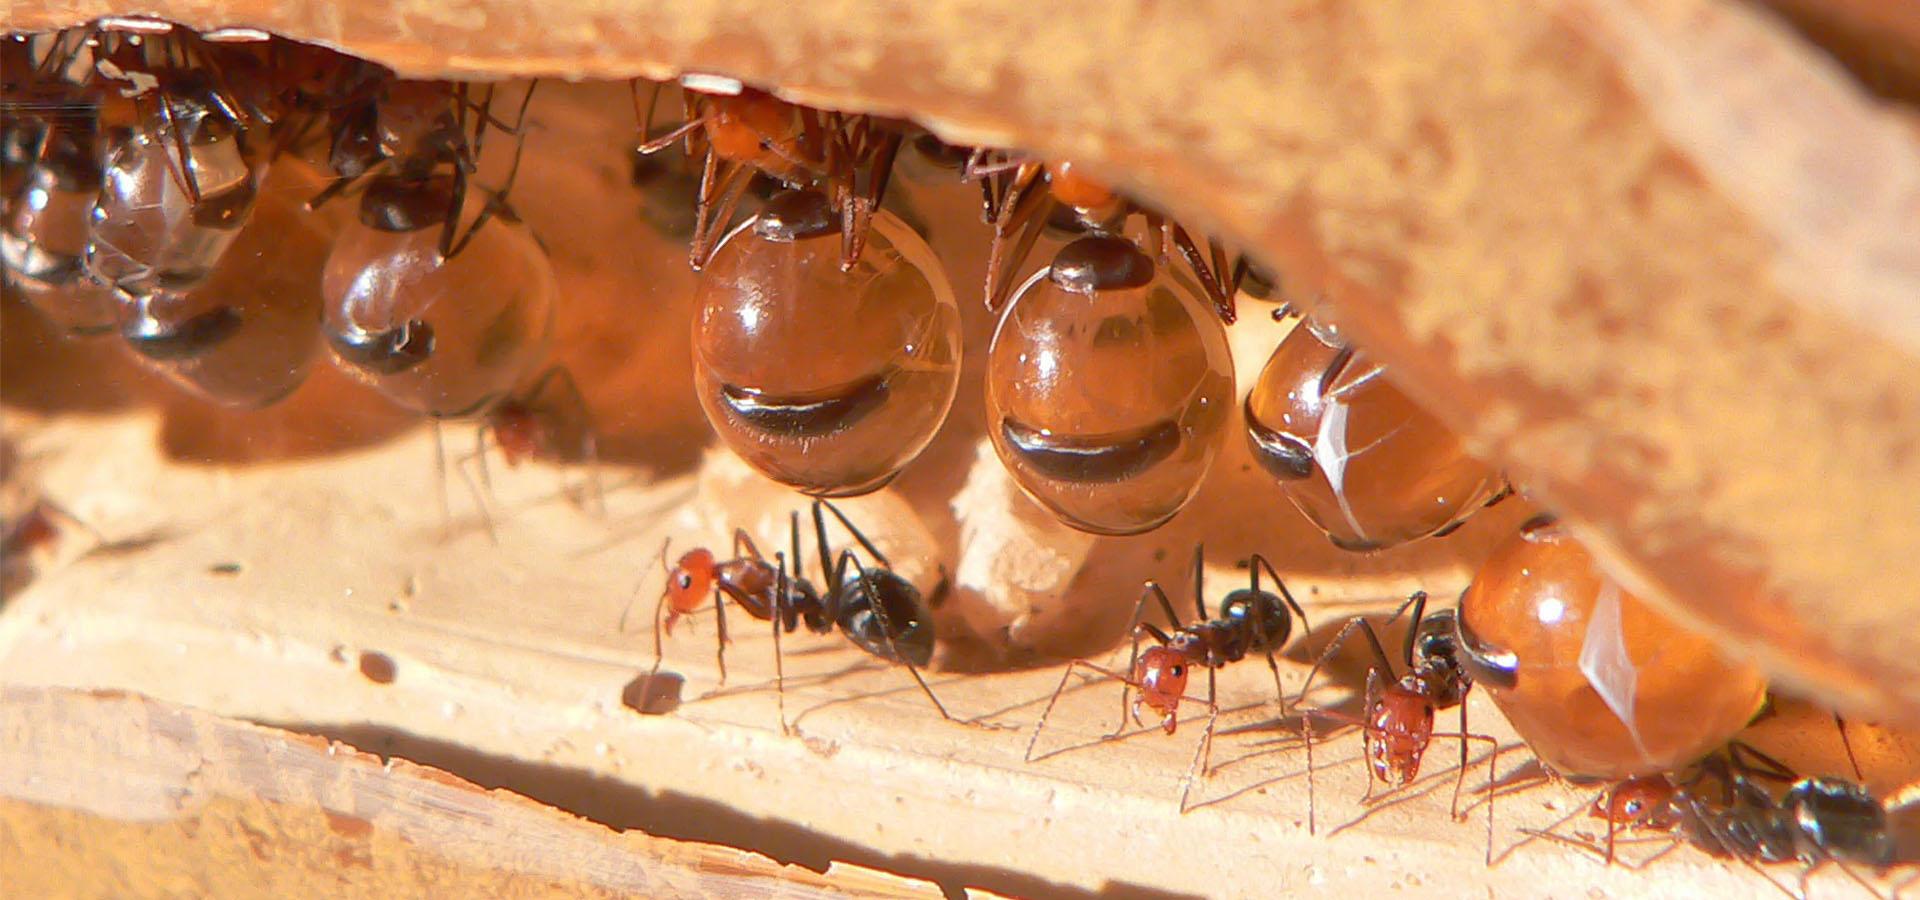 امپراطوری مورچه های صحرایی (مستند)